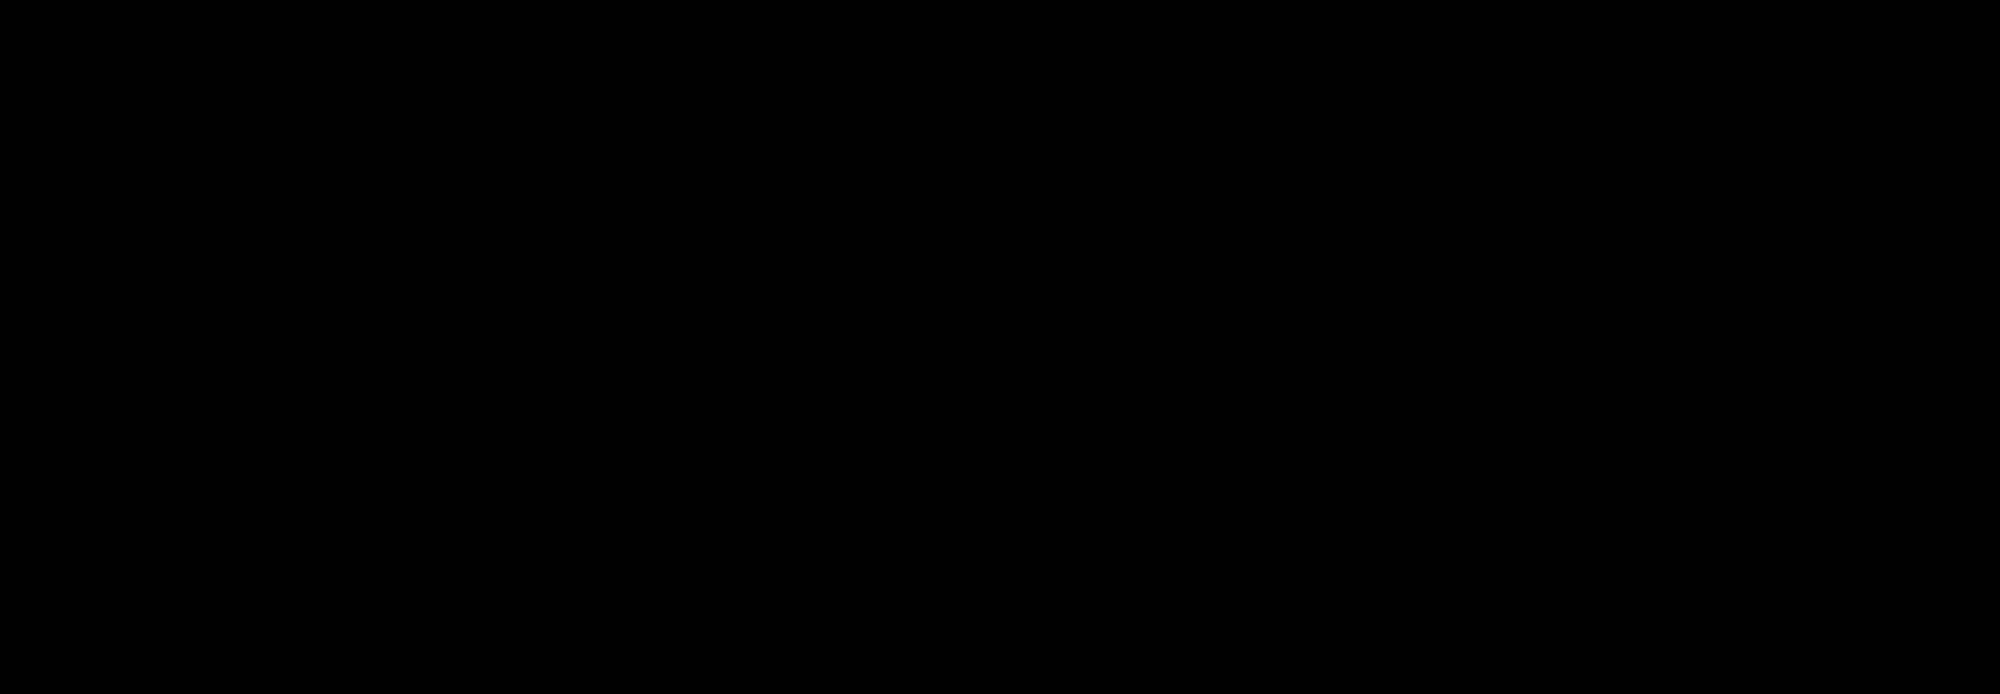 audi logo png transparent audi logopng images pluspng